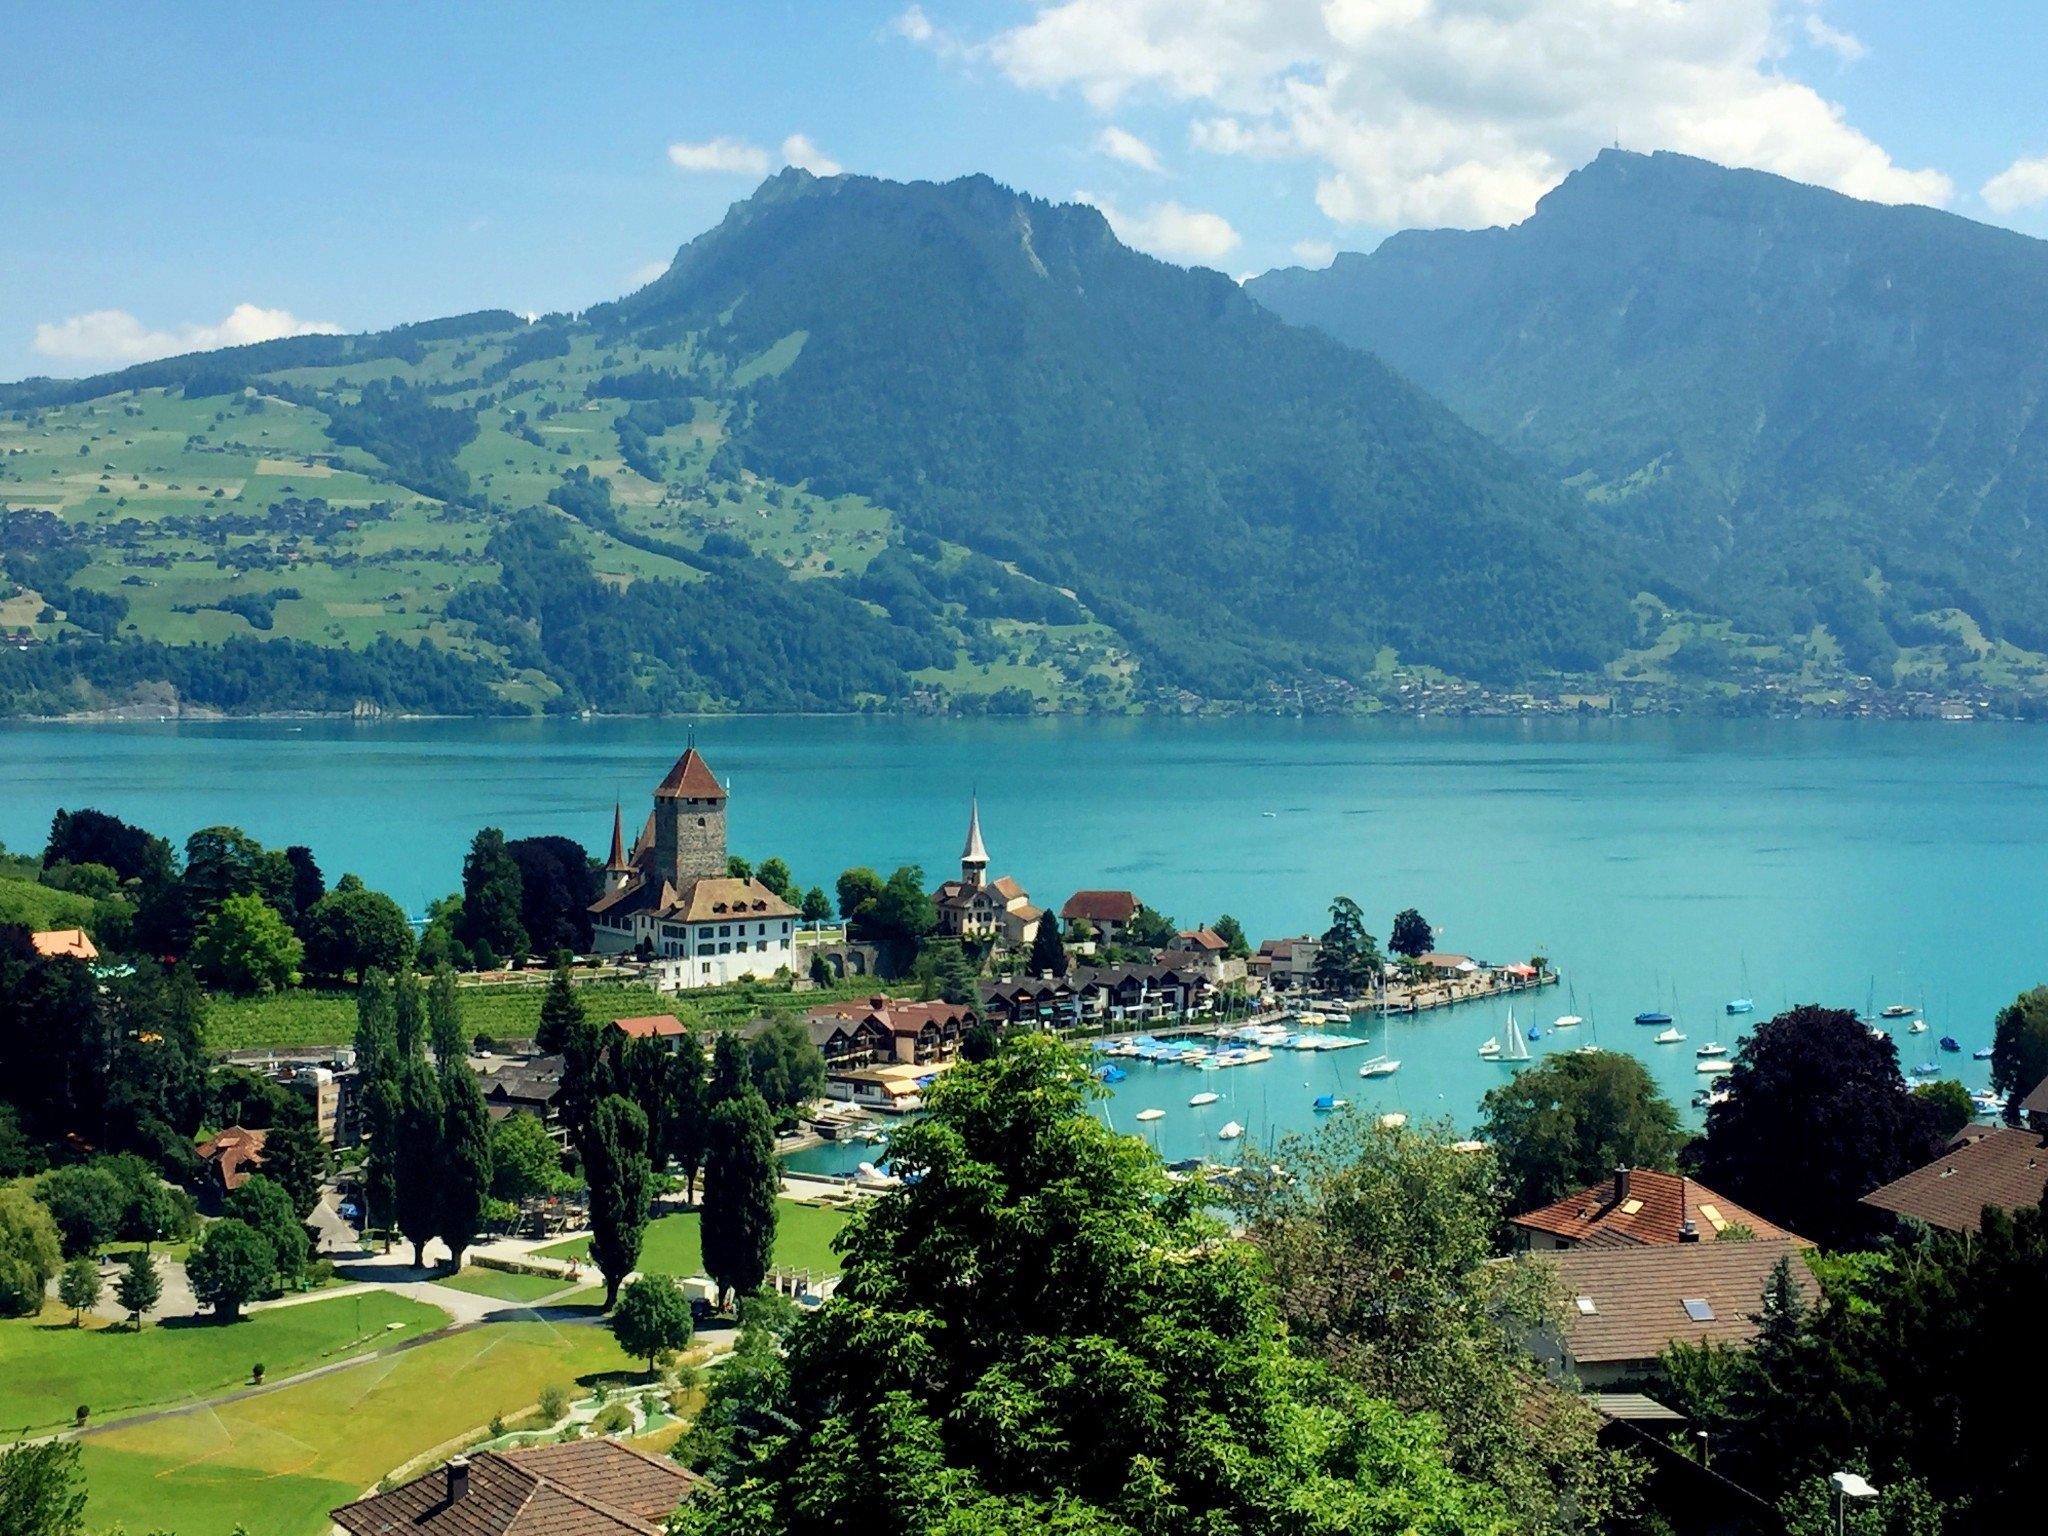 2017年6月一张车票走瑞士之回顾和总结